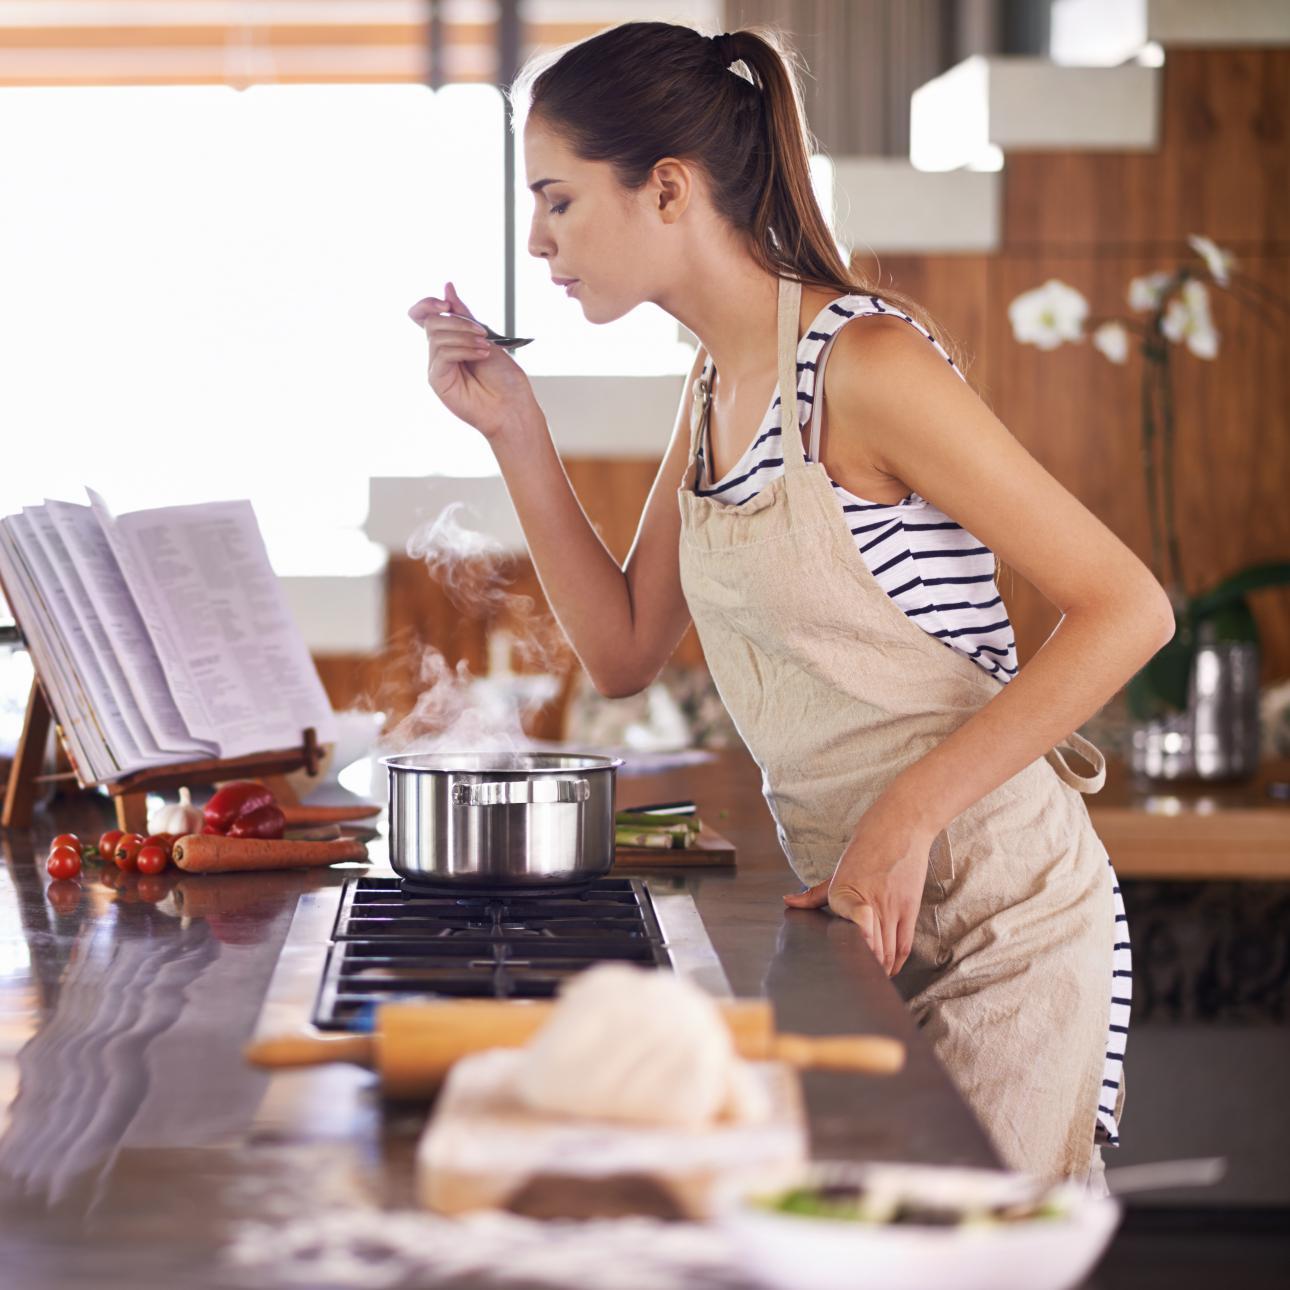 Comment bien cuisiner : comment bien faire la cuisine